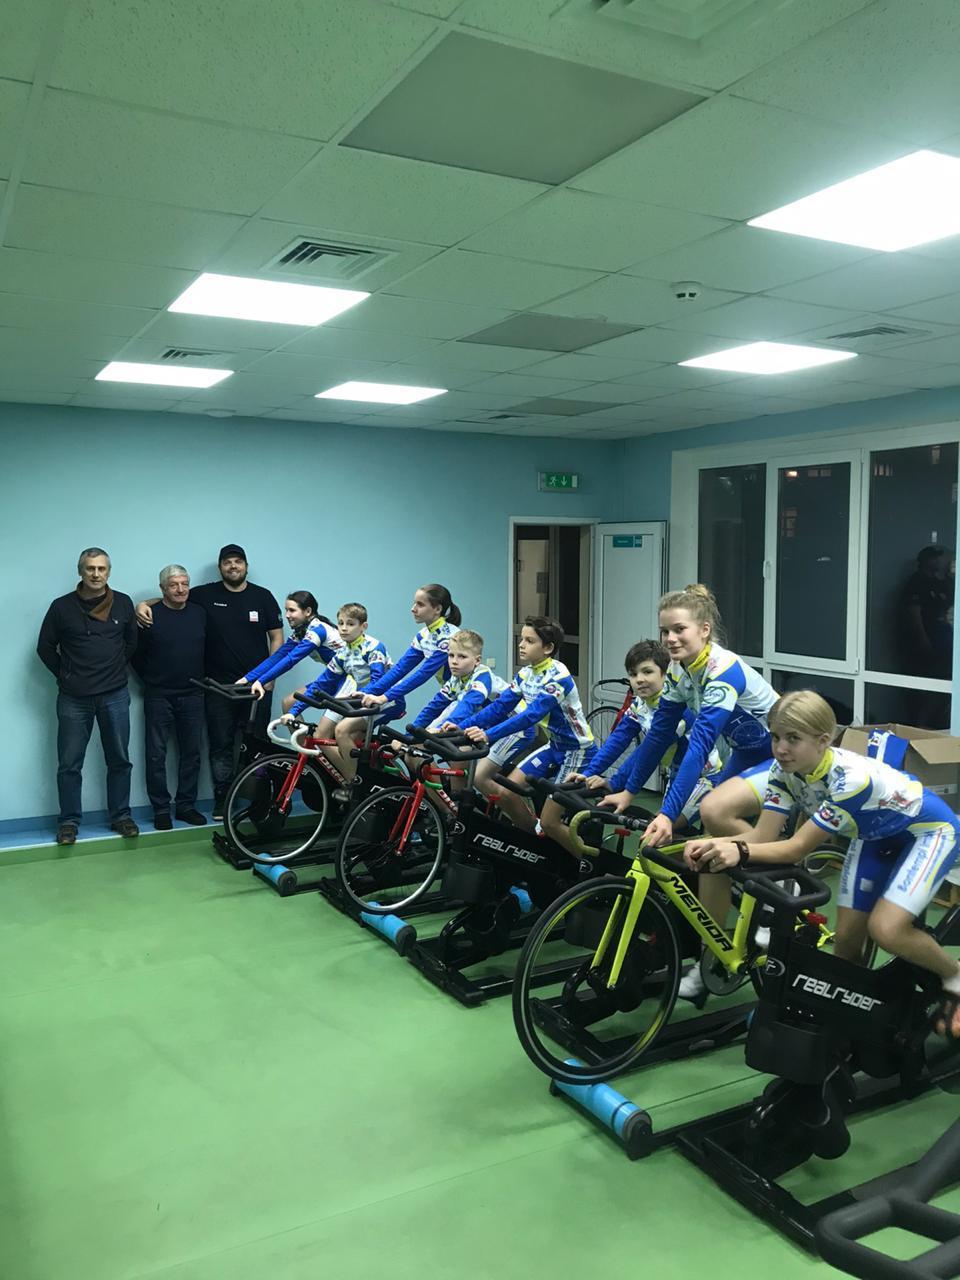 I ragazzi ucraini in allenamento con le maglie della Progetto Ciclismo Rodengo Saiano